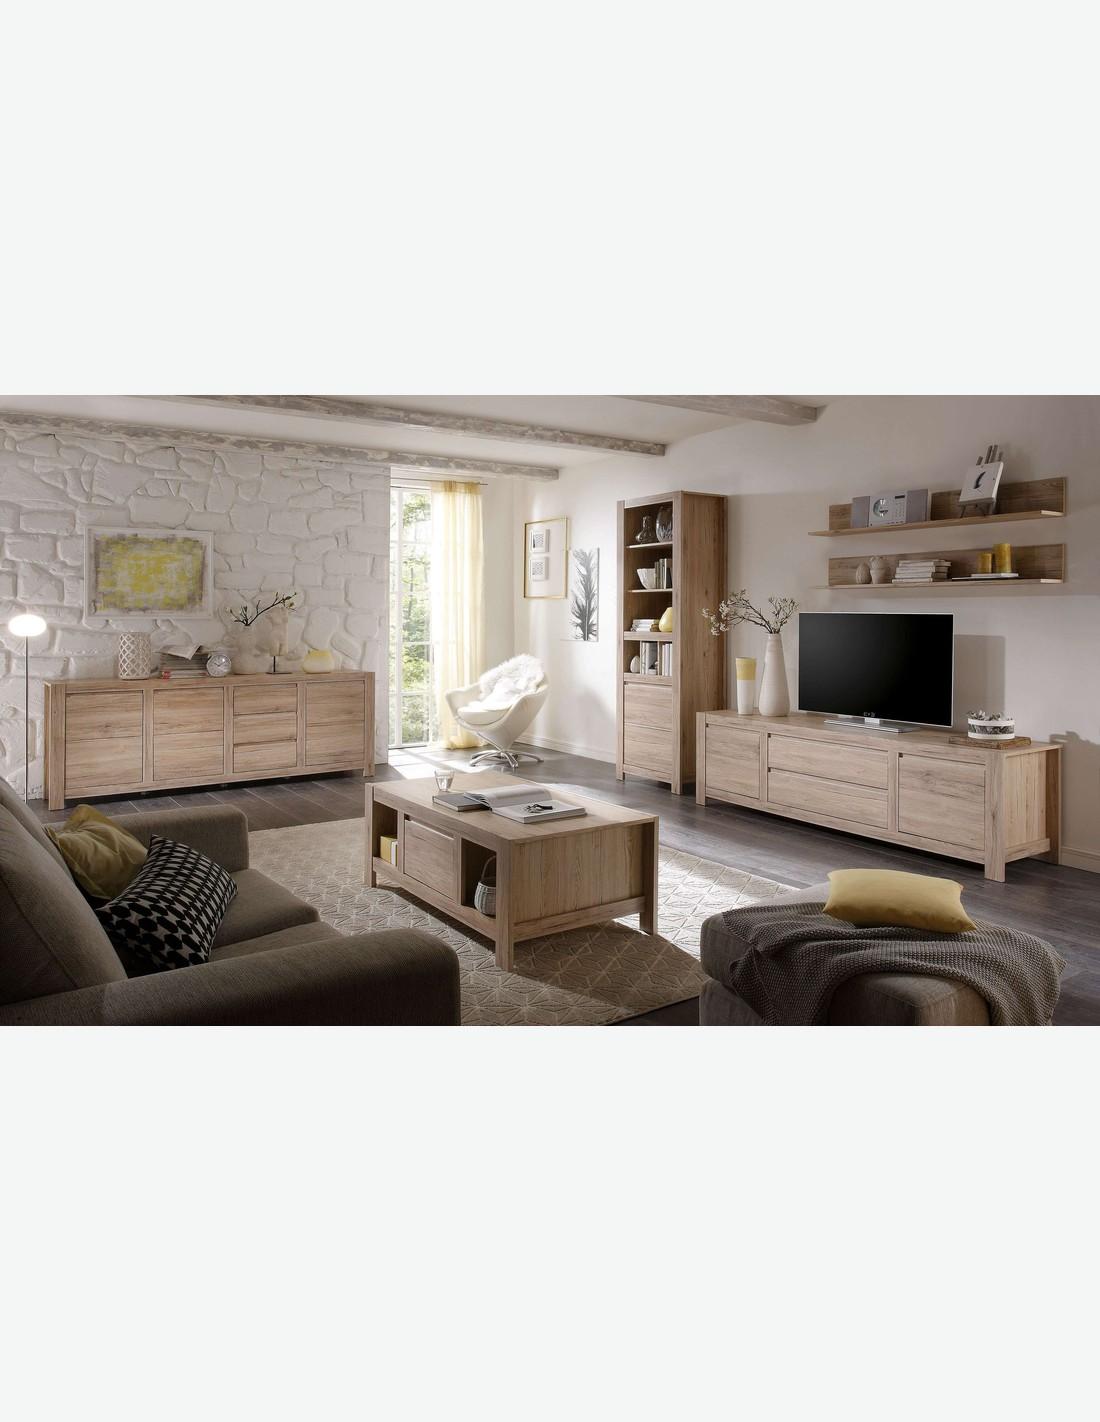 couchtisch mit 2 schubk sten aus eiche san remo hell dekor. Black Bedroom Furniture Sets. Home Design Ideas